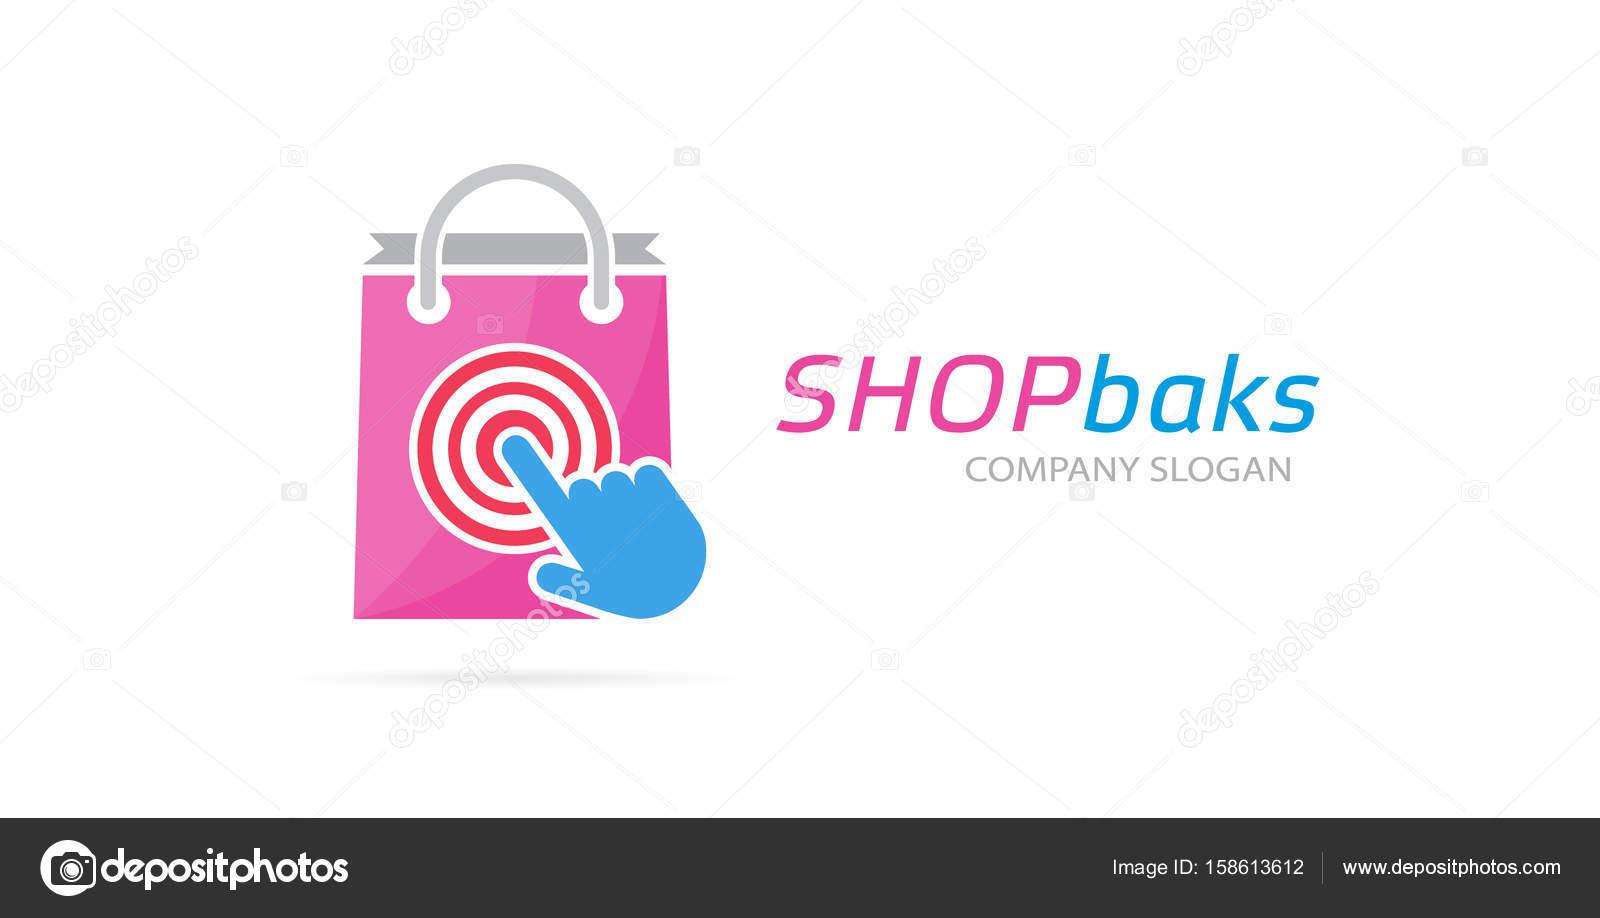 0287107e26 Csomagra és logó kombinációja. Shop és a kurzor szimbólum vagy ikon. Egyedi  vásárlás és eladás logo design sablon– stock kép